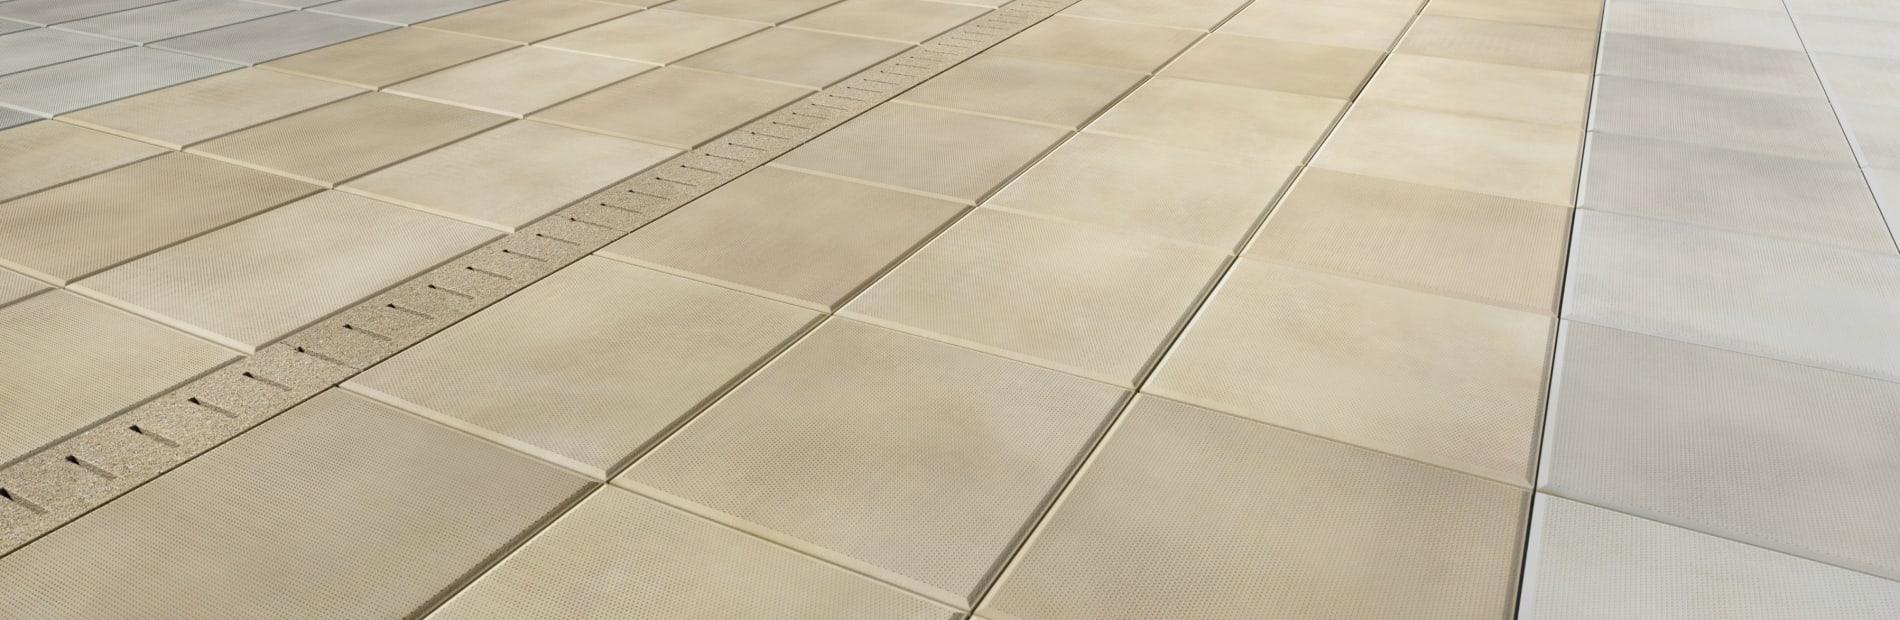 pave drain concrete